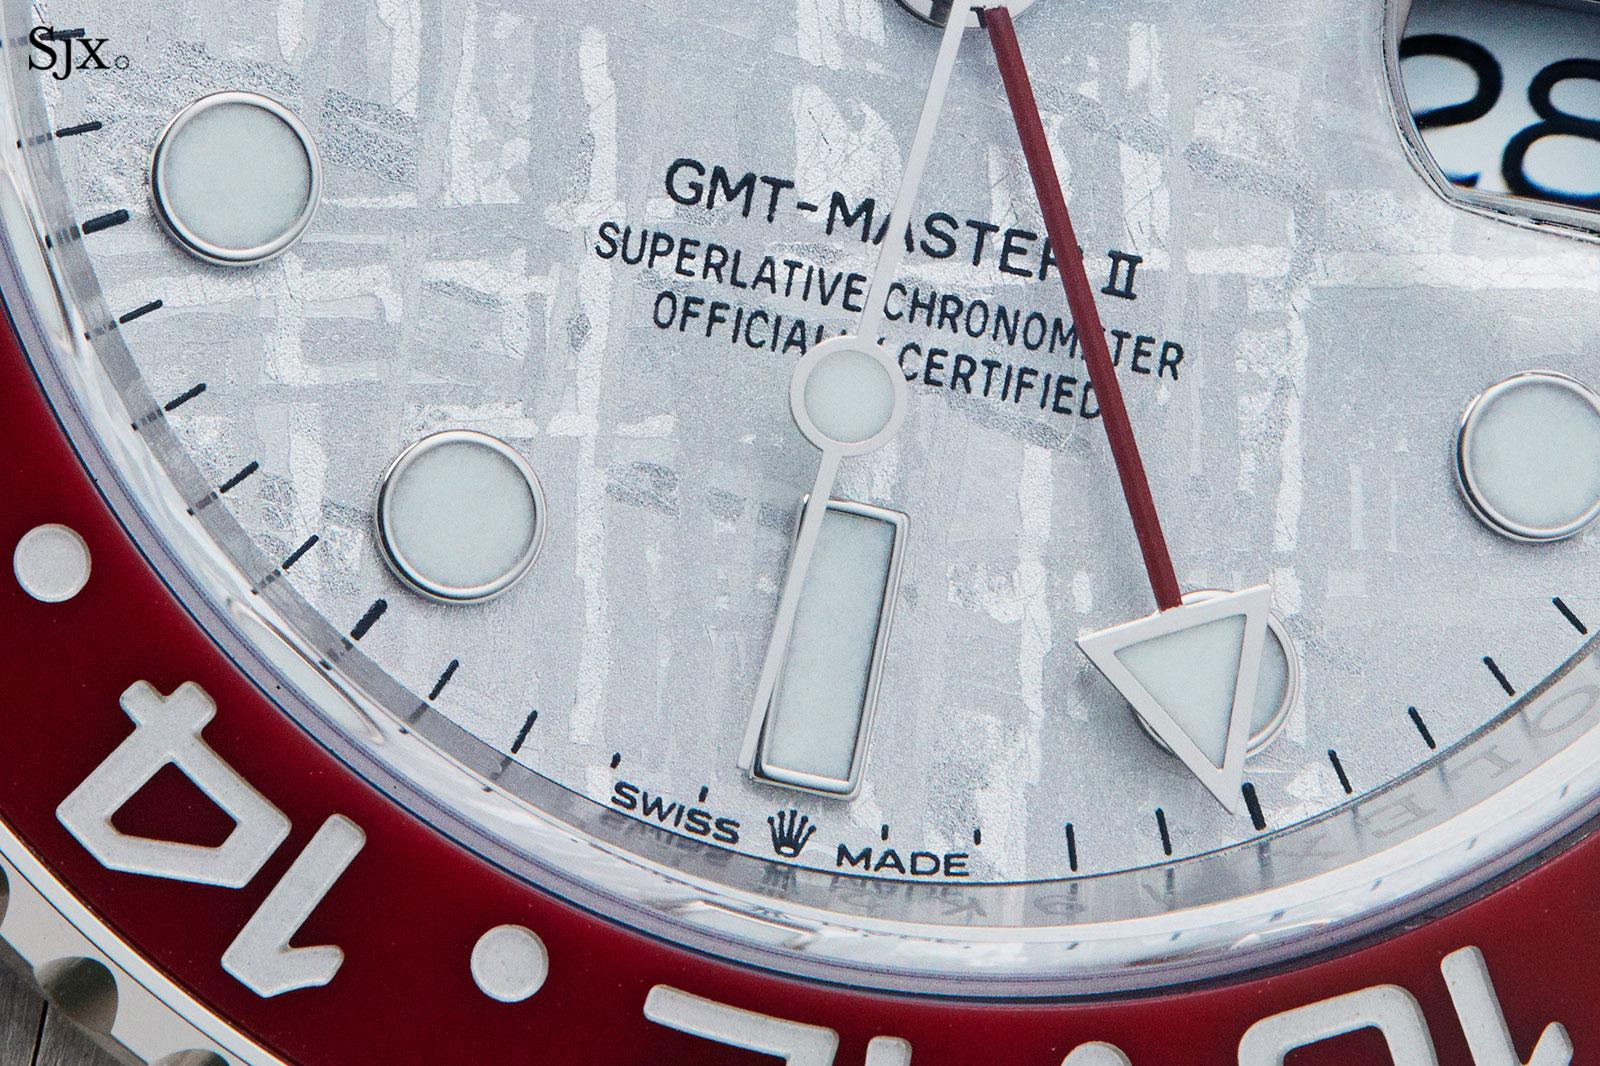 rolex gmt master meteorite 126719BLRO-10